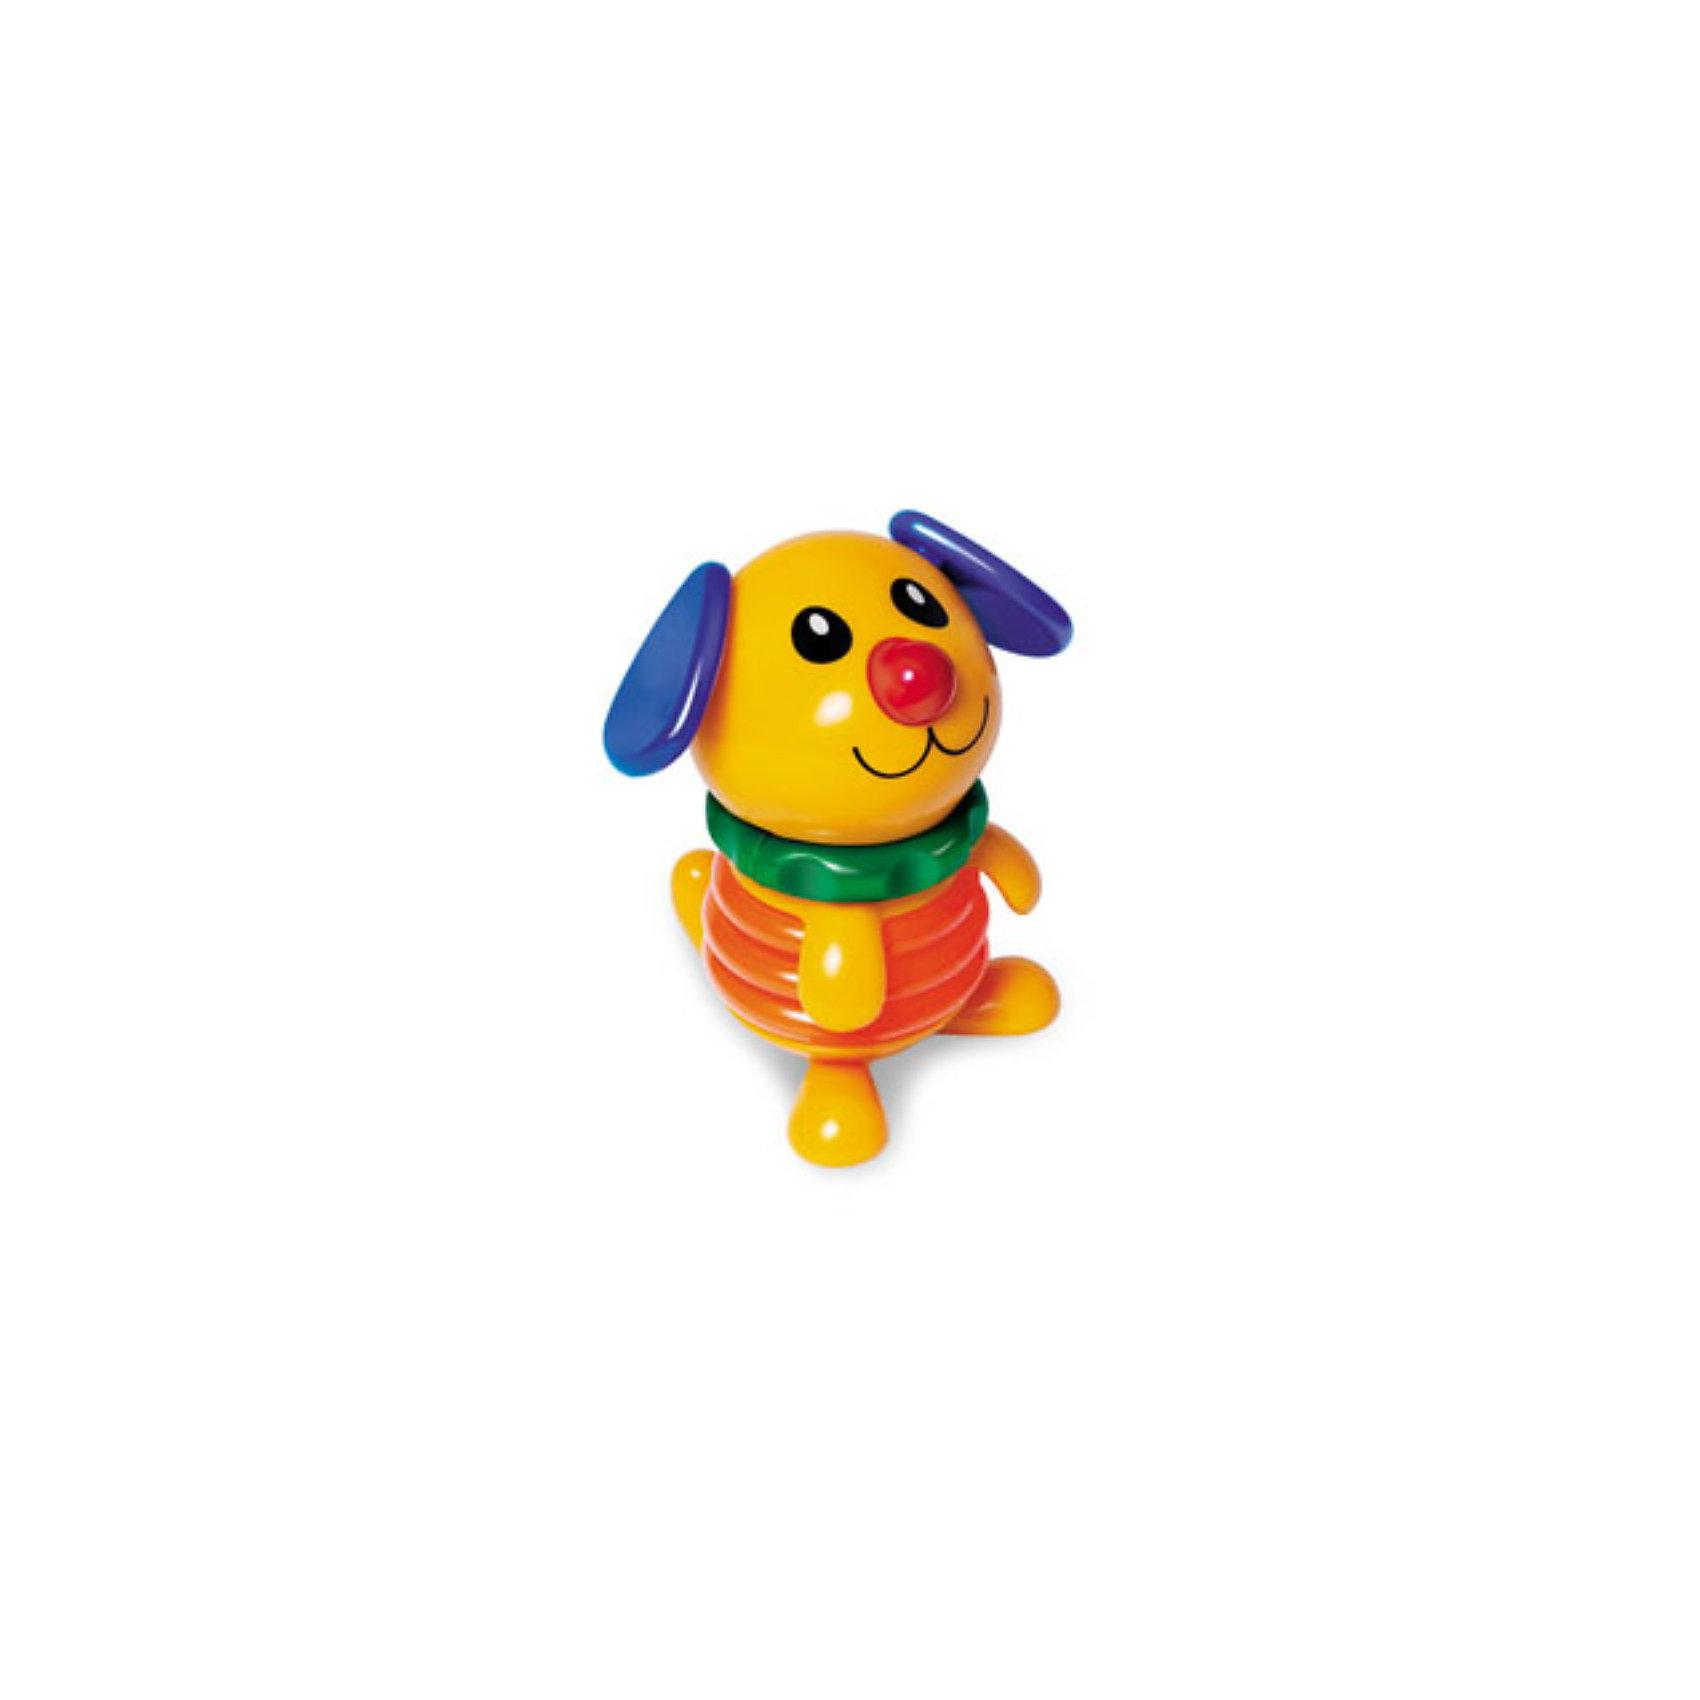 Фигурка Собака, TOLO CLASSICИгрушка-пищалка, сделанная в виде милого жёлтого щенка, надёжно привлечёт внимание малыша своим дизайном и громким звуком. Стоит нажать на голову щеночка, как он сложится почти вдвоё и издаст высокий писк! Его голова может крутиться в разные стороны с механическим потрескиванием, ушки вертятся, а размеры игрушки позволяют детским ладошкам без каких-либо затруднений хватать её и удерживать. Пластик, из которого она изготовлена, безопасен<br>для ребёнка, поэтому он без опаски может грызть или покусывать её.<br><br>Возраст: от 6 месяцев и старше.<br><br>Ширина мм: 125<br>Глубина мм: 65<br>Высота мм: 140<br>Вес г: 130<br>Возраст от месяцев: 12<br>Возраст до месяцев: 60<br>Пол: Унисекс<br>Возраст: Детский<br>SKU: 2276563